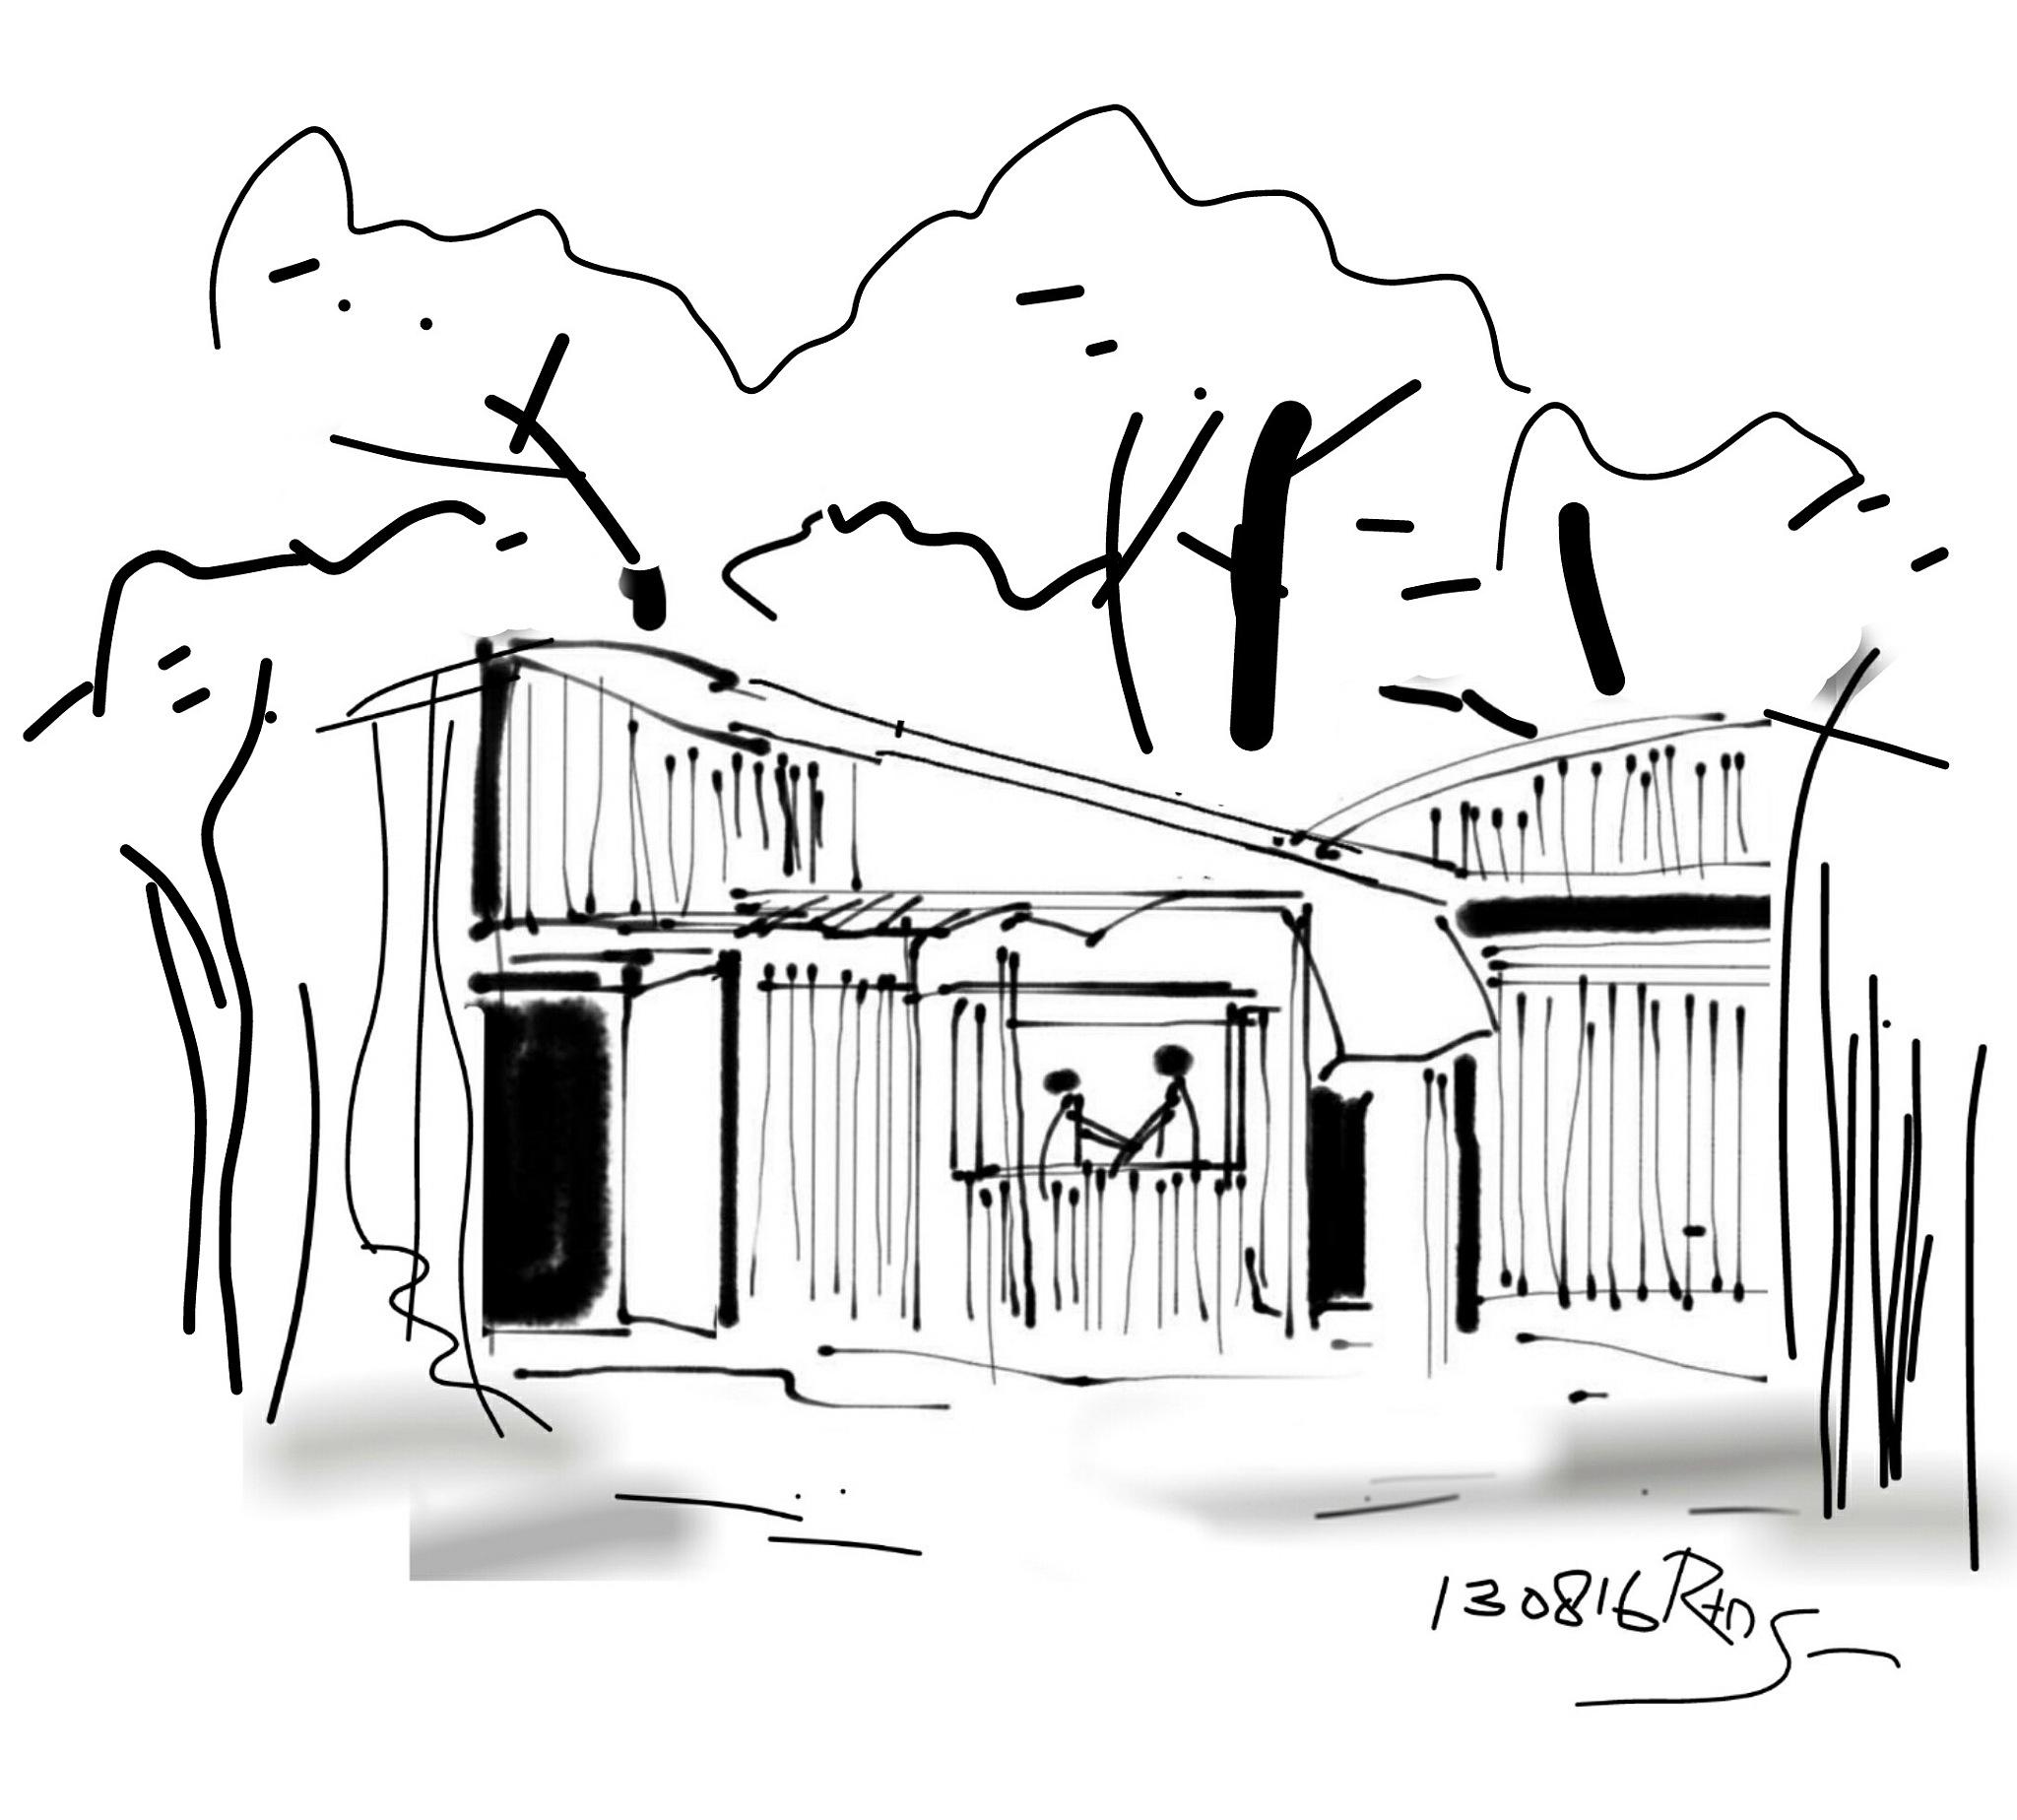 Huts by Retno